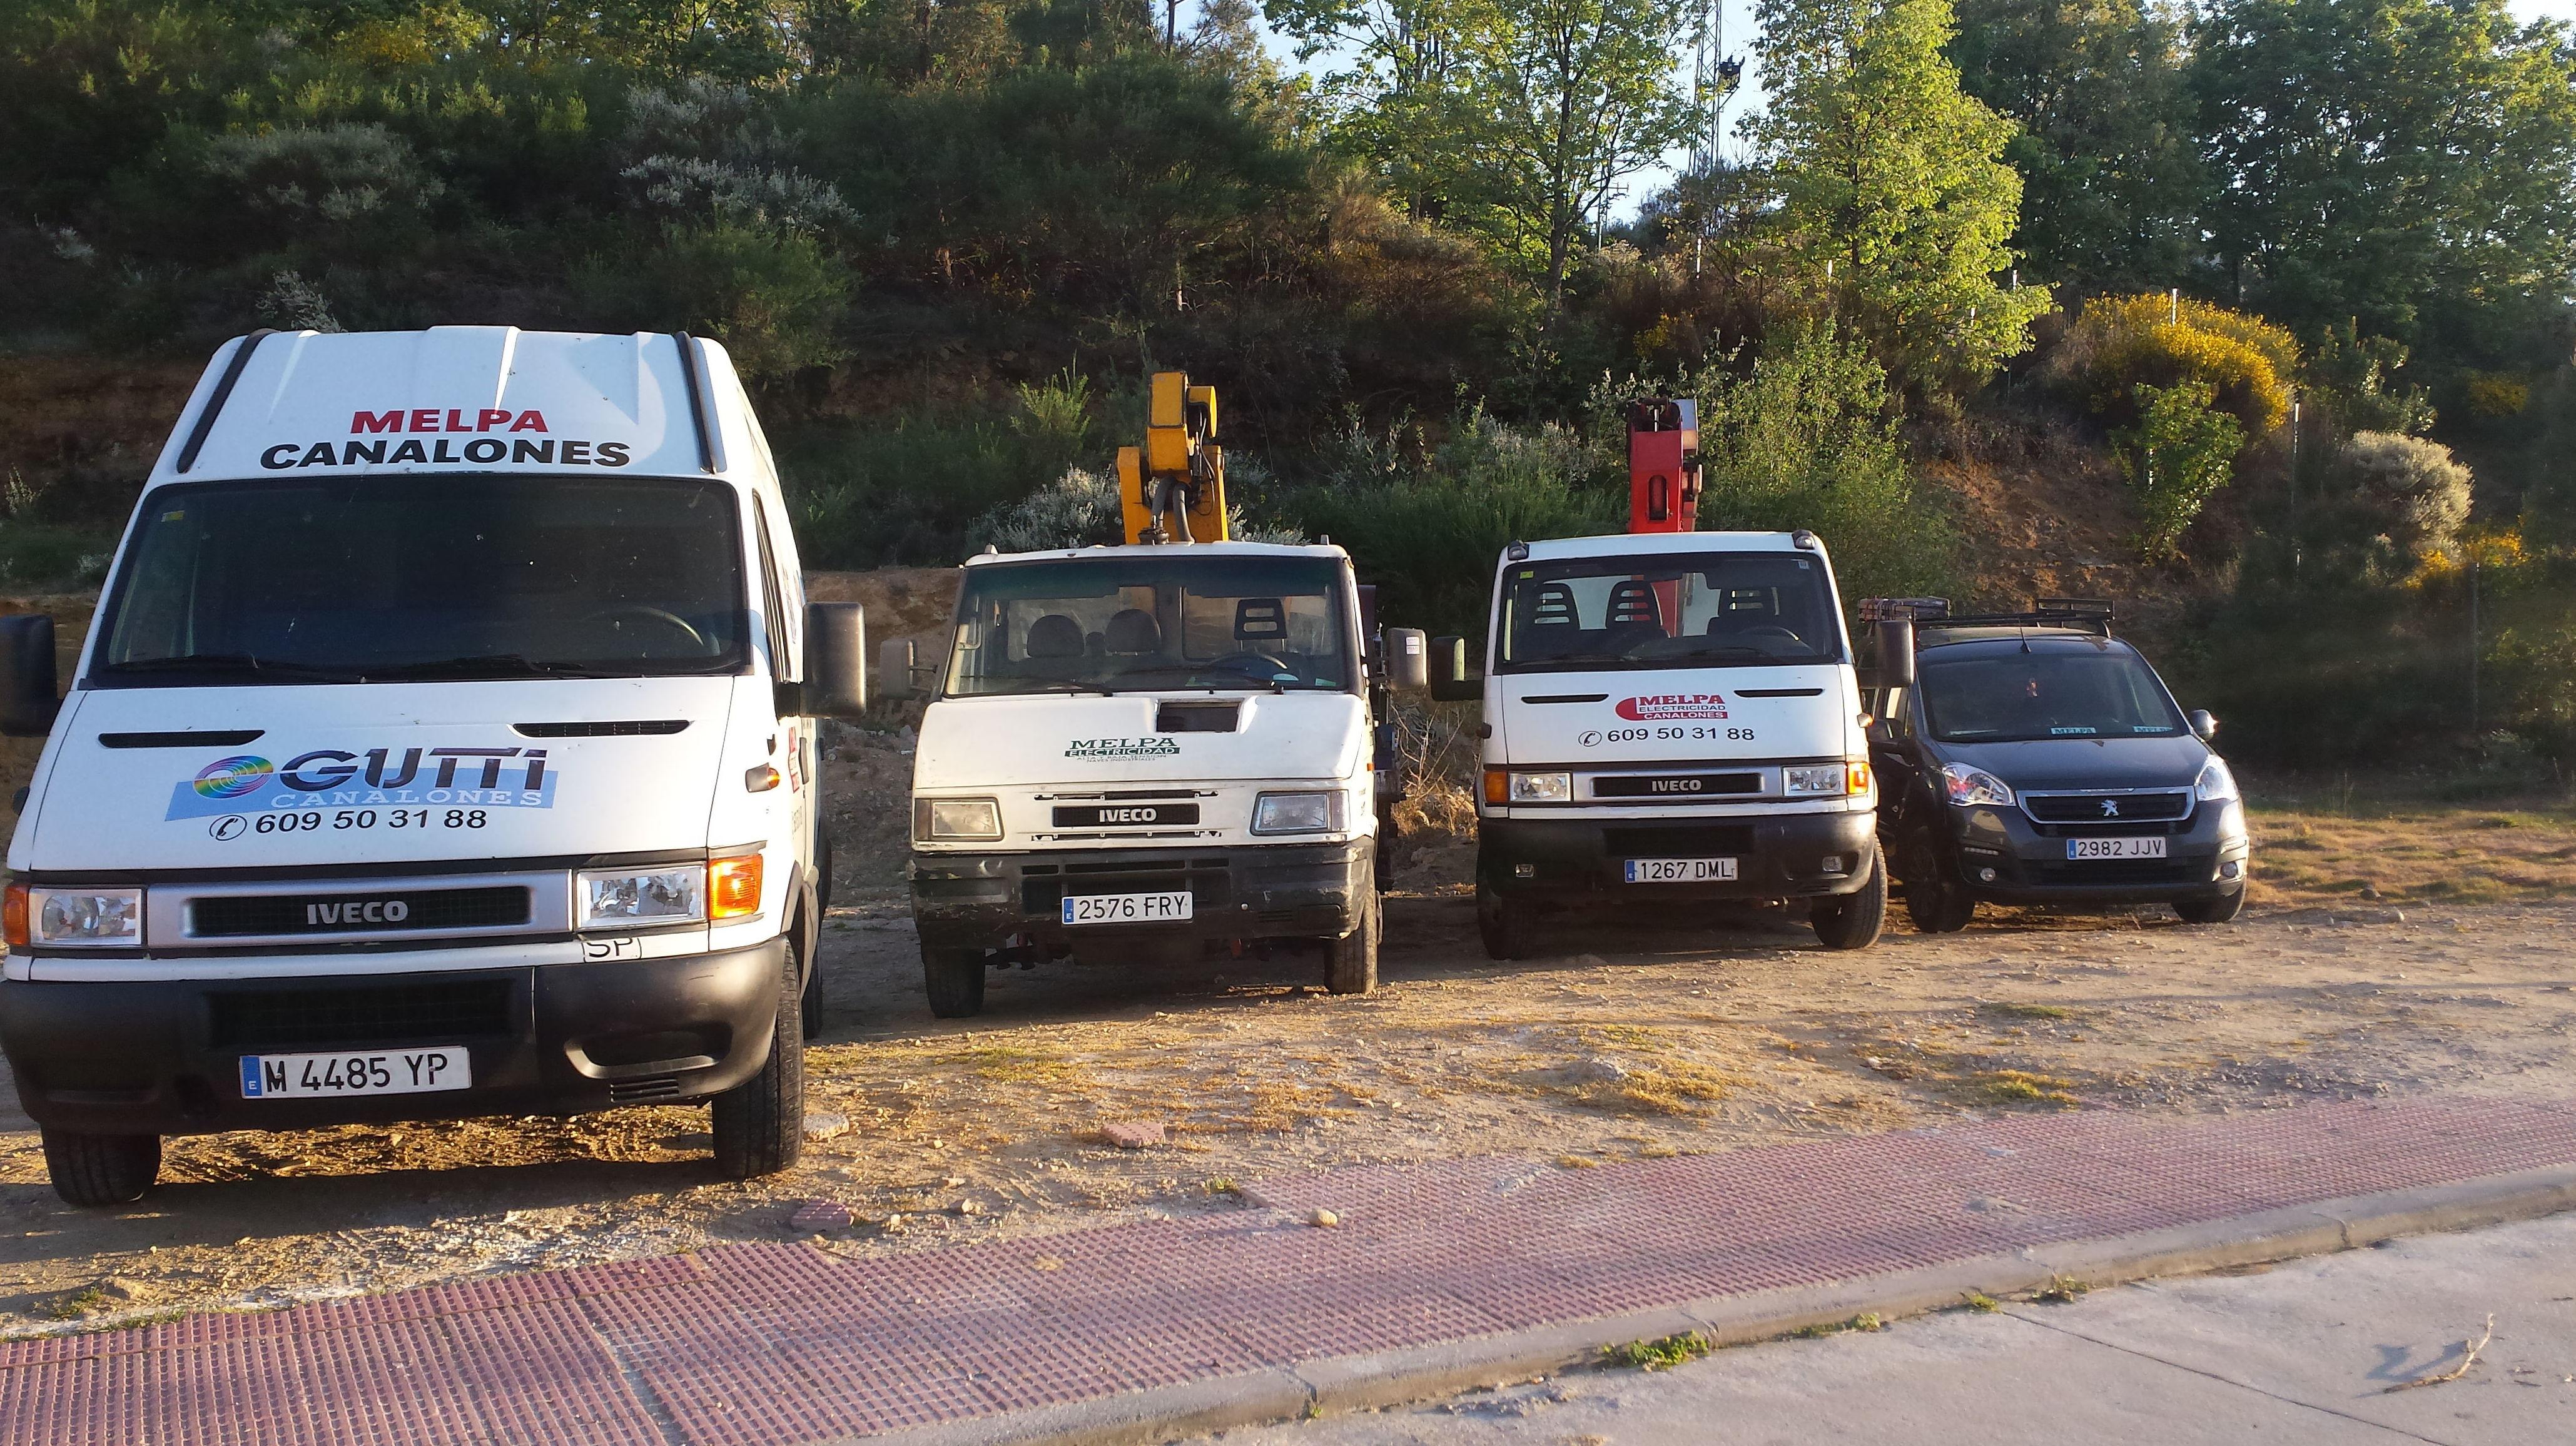 Foto 4 de Instalación y mantenimiento de canalones en Jaraíz de la Vera | Melpa Canalones